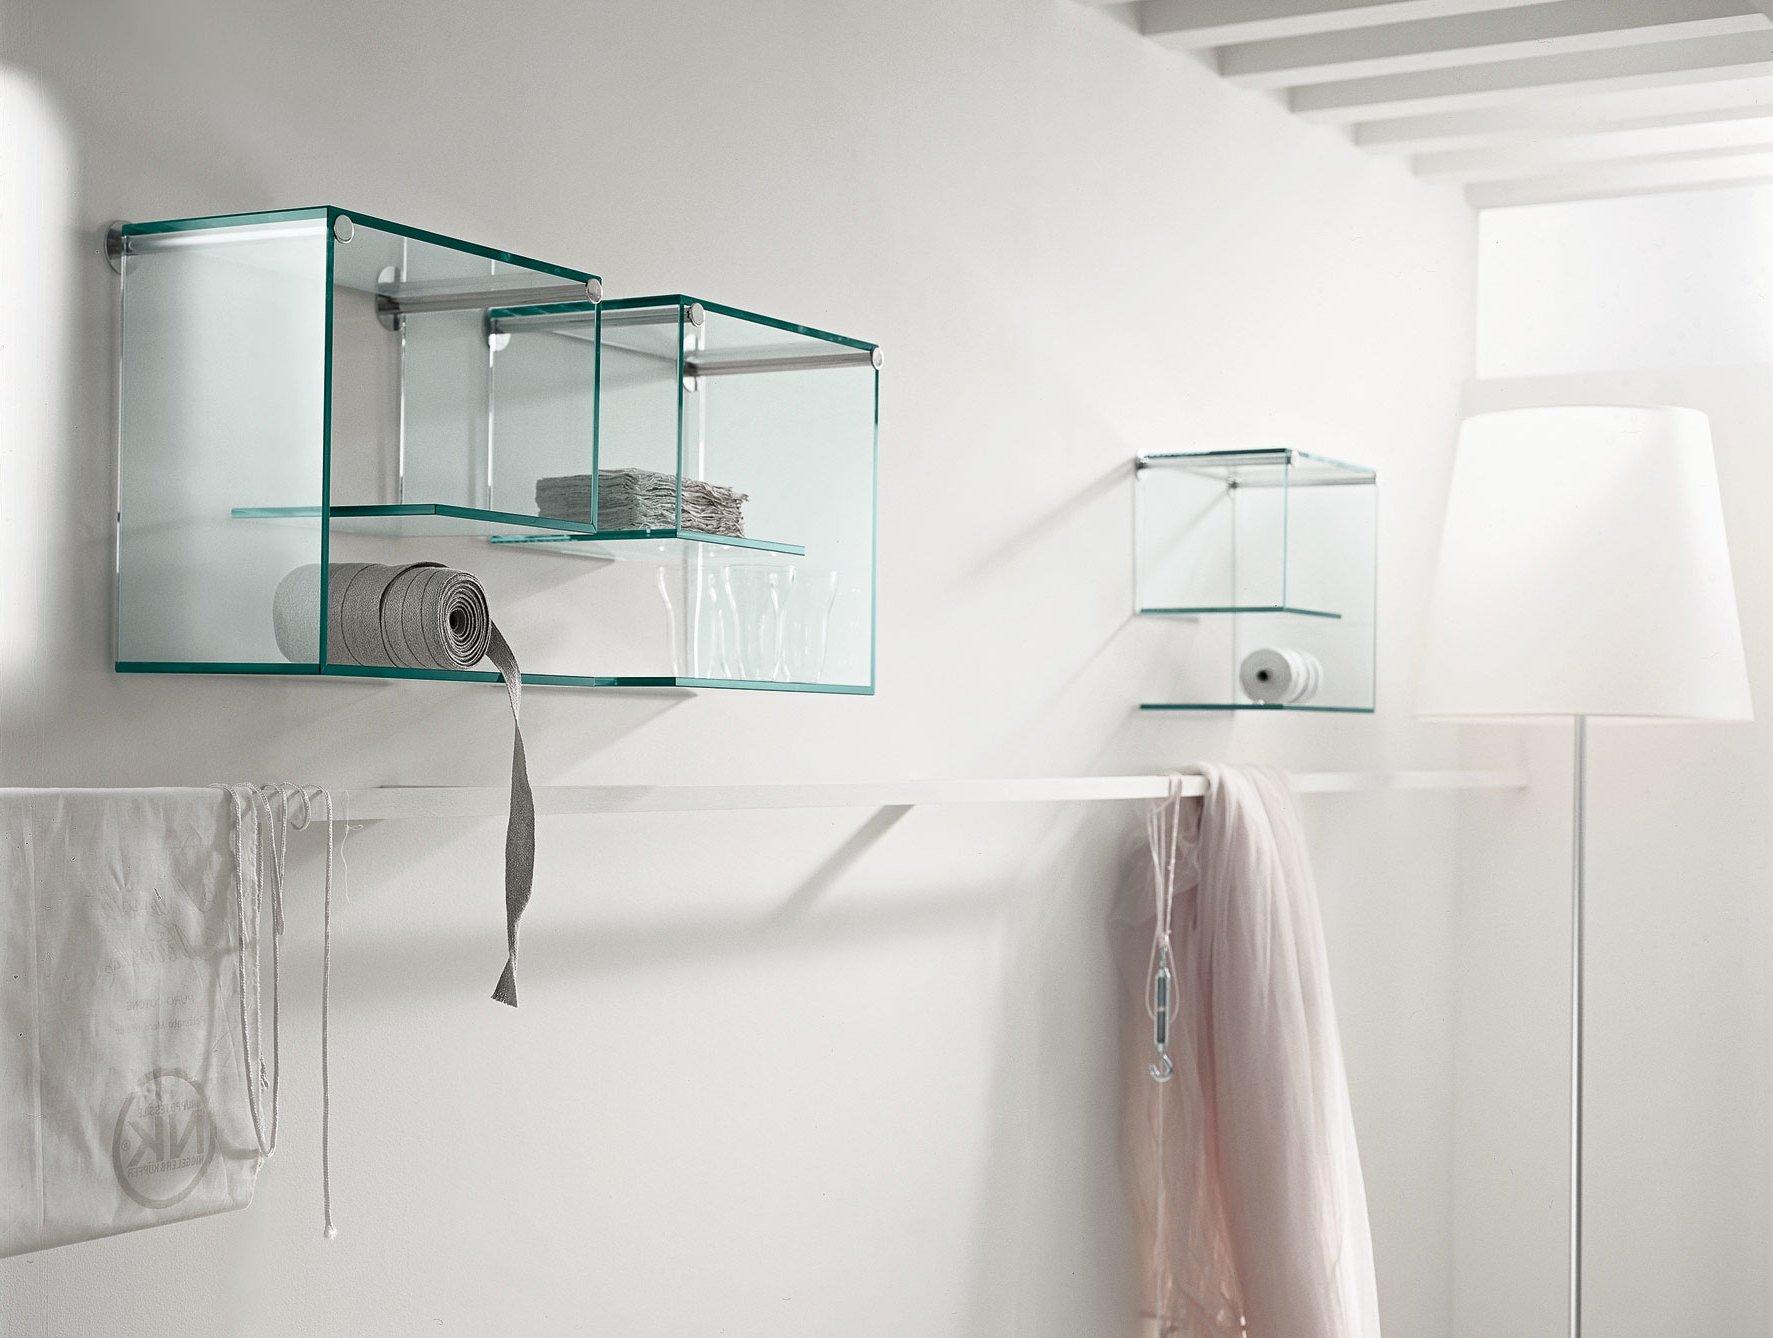 Glasregale im Badezimmer gestalten